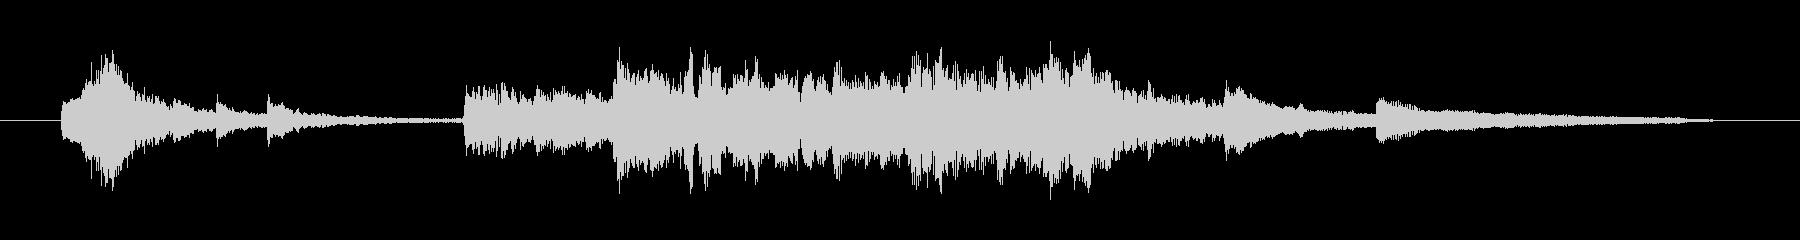 透明感のある澄んだピアノ曲<15秒>の未再生の波形